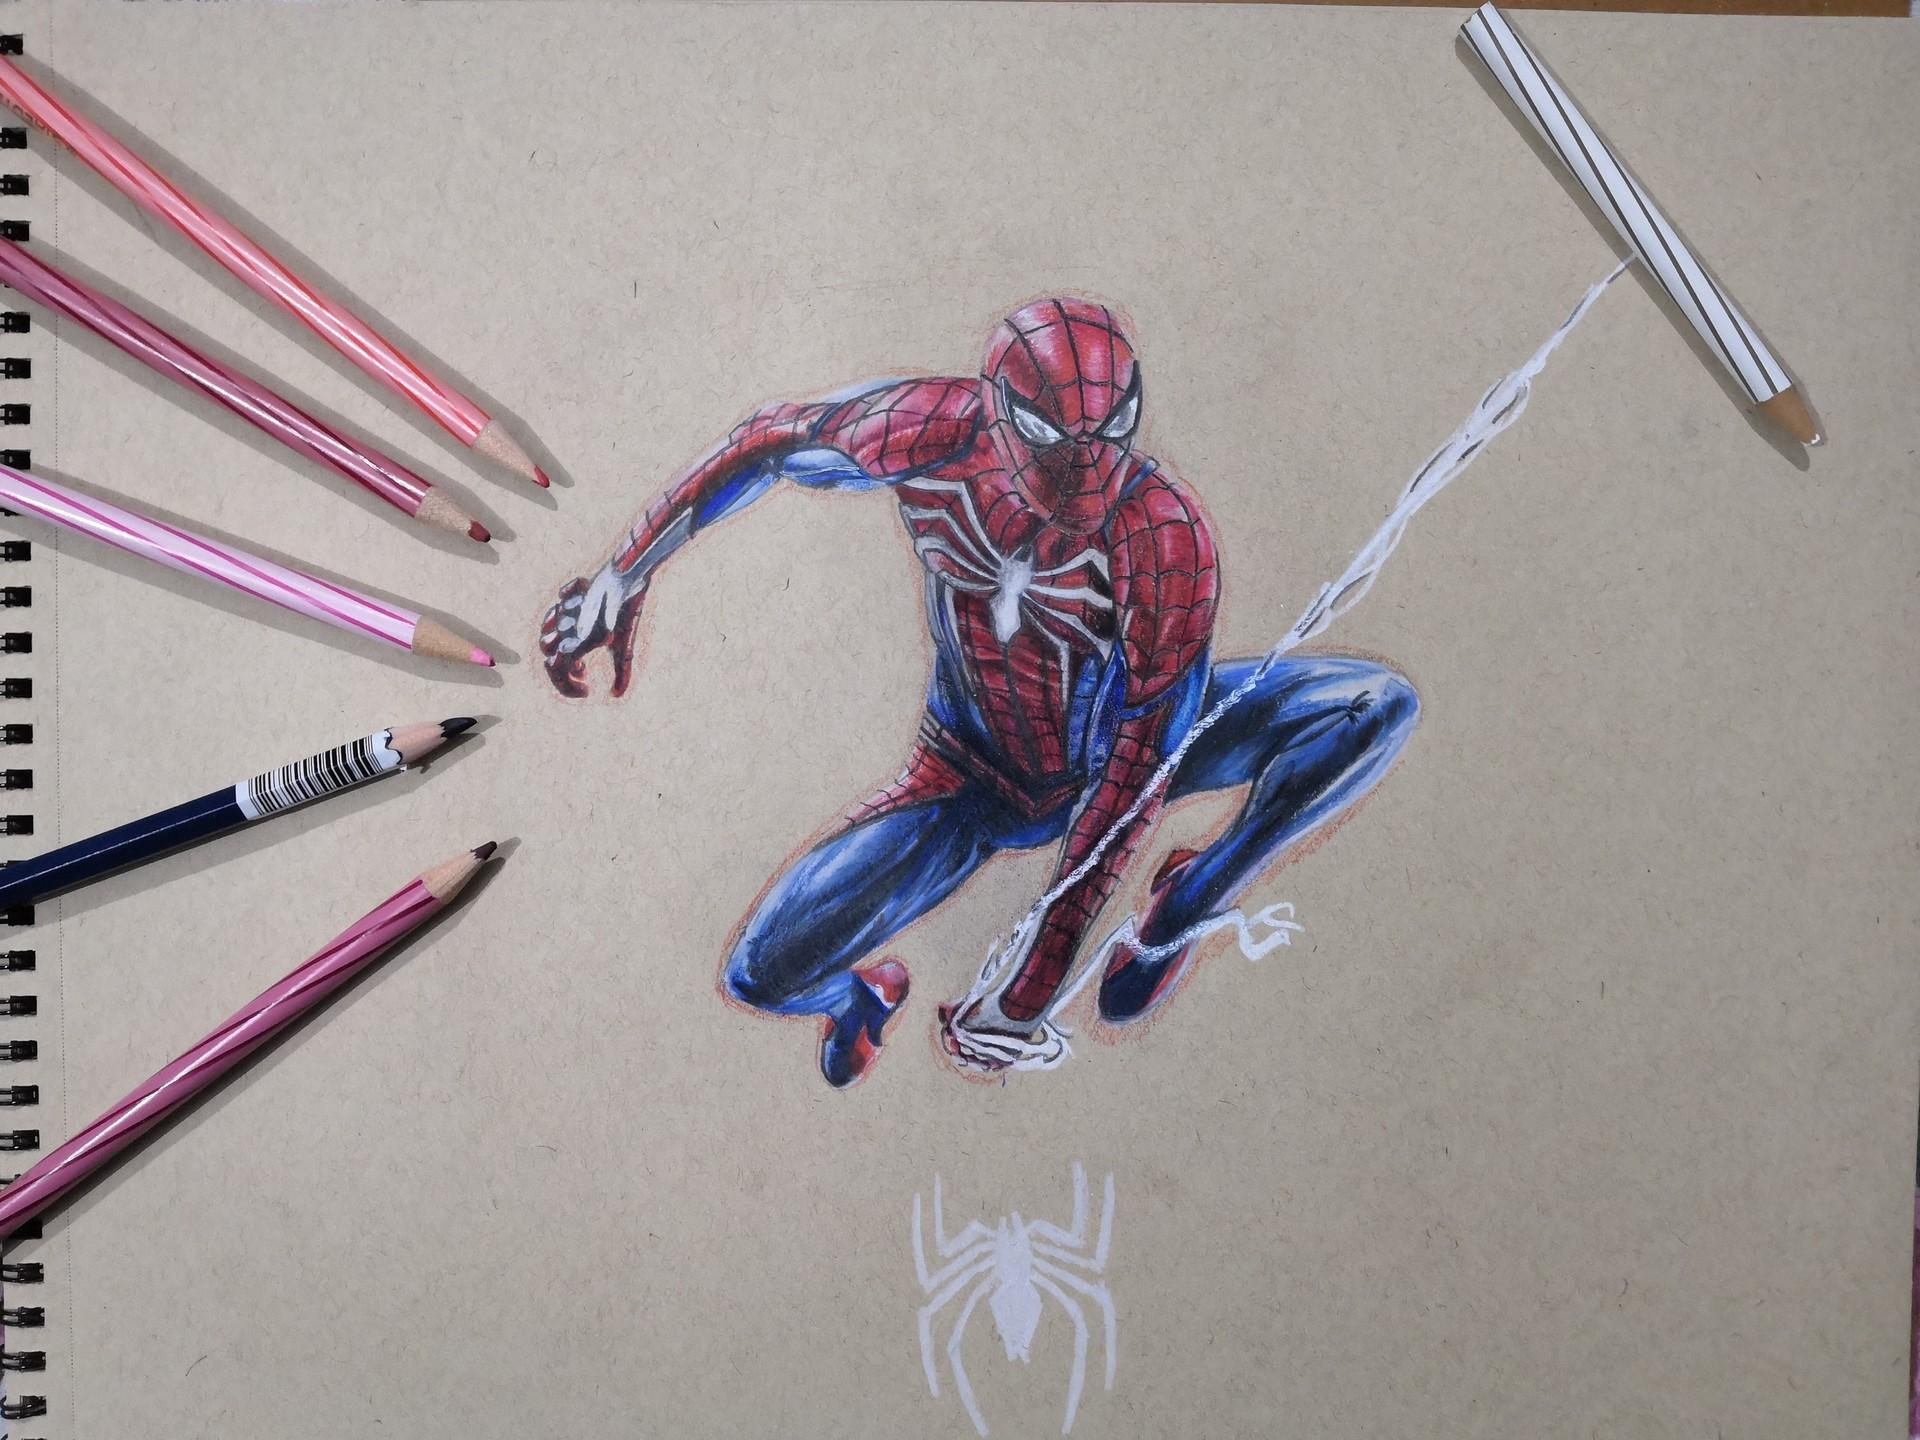 Himanshu pandey spiderman ps4 colored pencil sketch